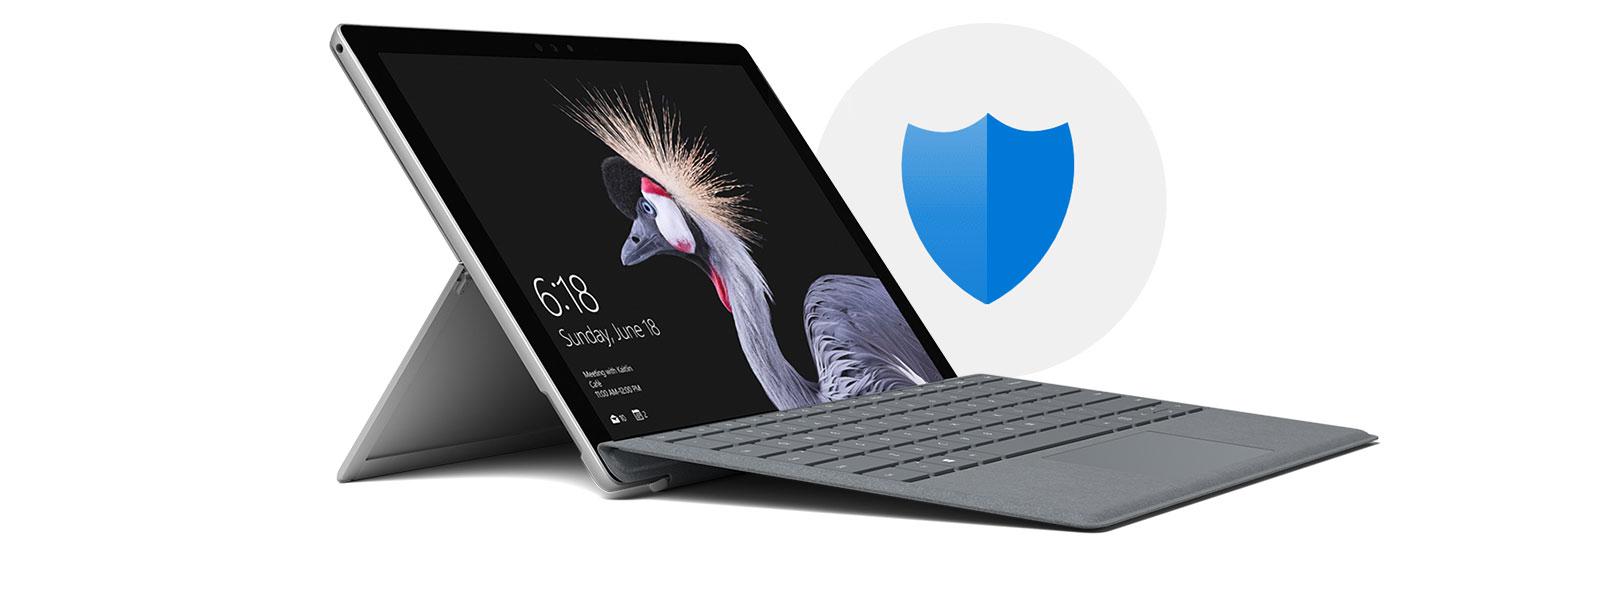 Surface Pro 和背景安全性保護圖示的影像